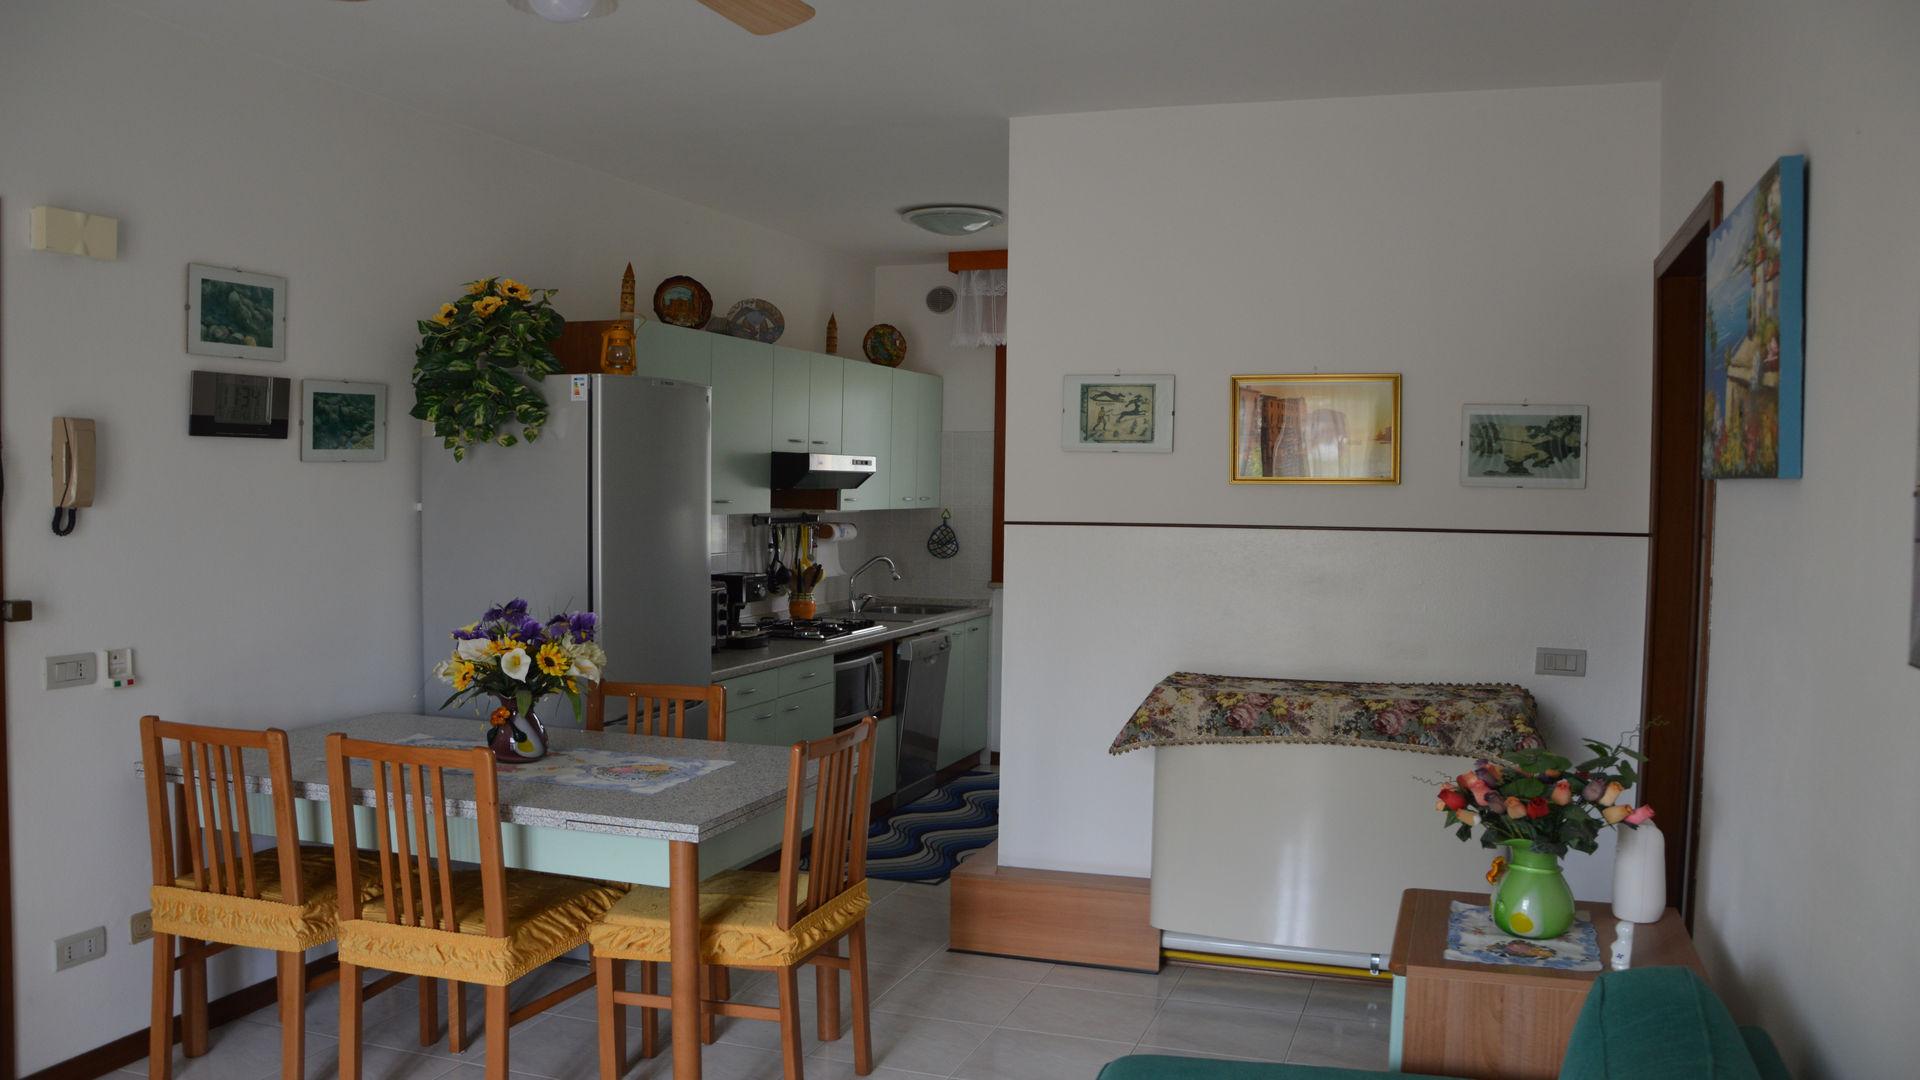 soggiorno e angolo cottura - Agenzia Viscardi